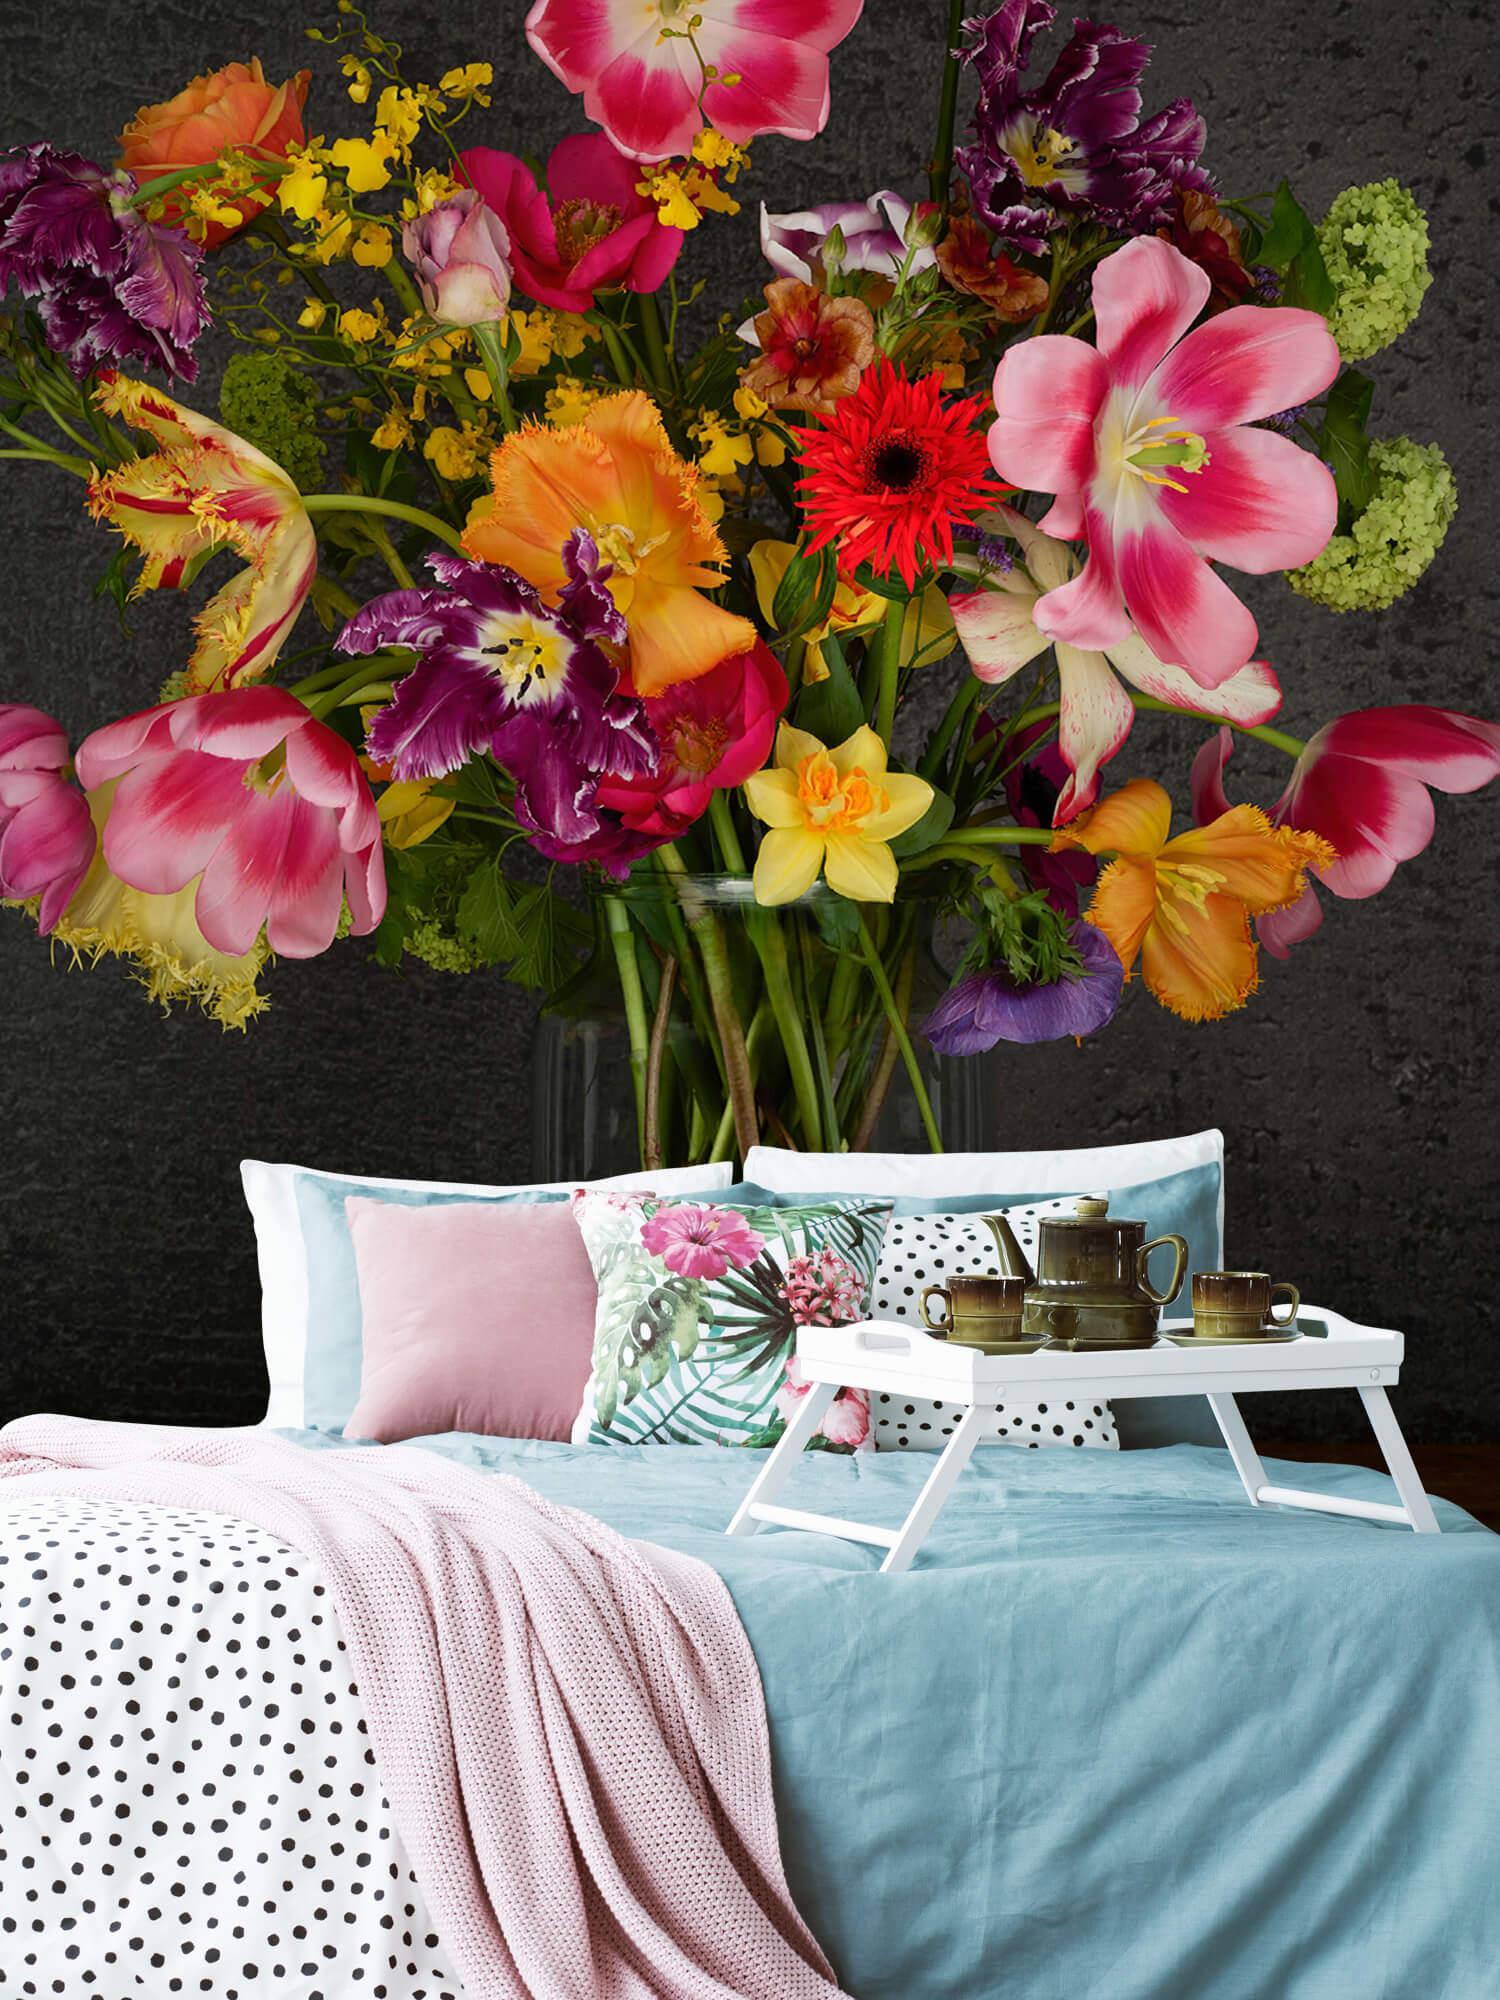 Flowers W04534 5